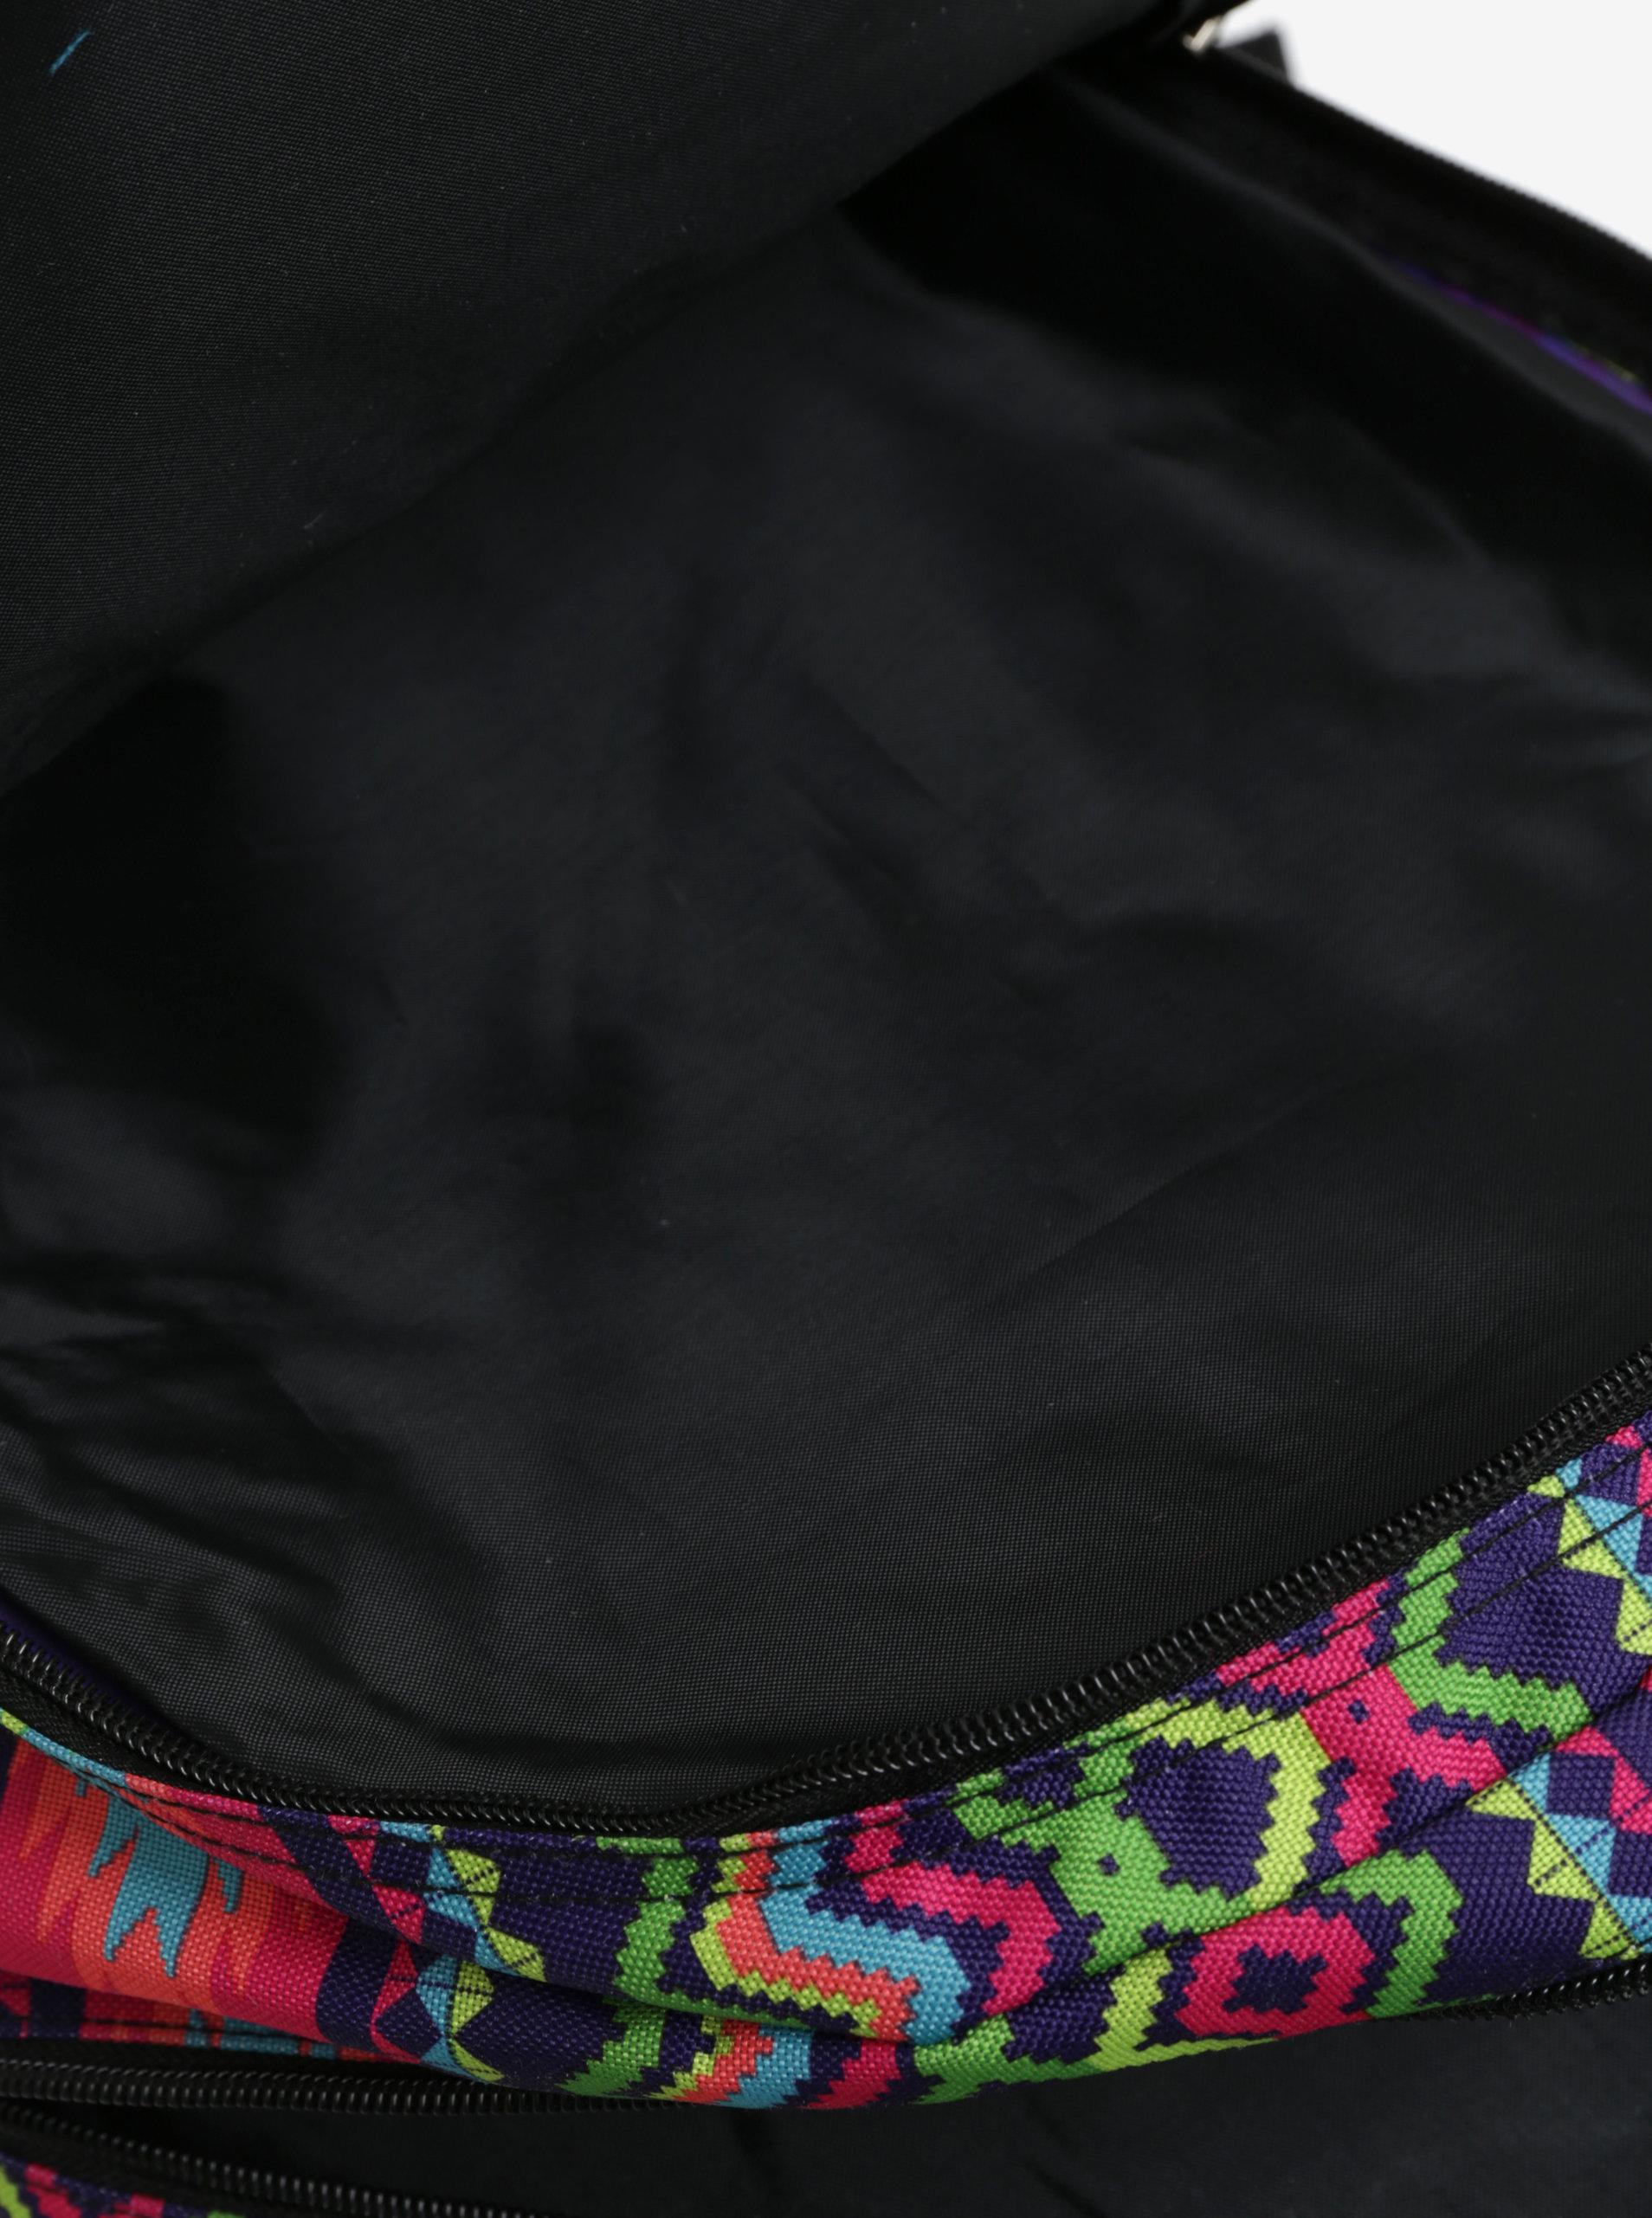 483cc3127660 Zeleno-fialový dámsky vzorovaný batoh LOAP Lian 20 l ...